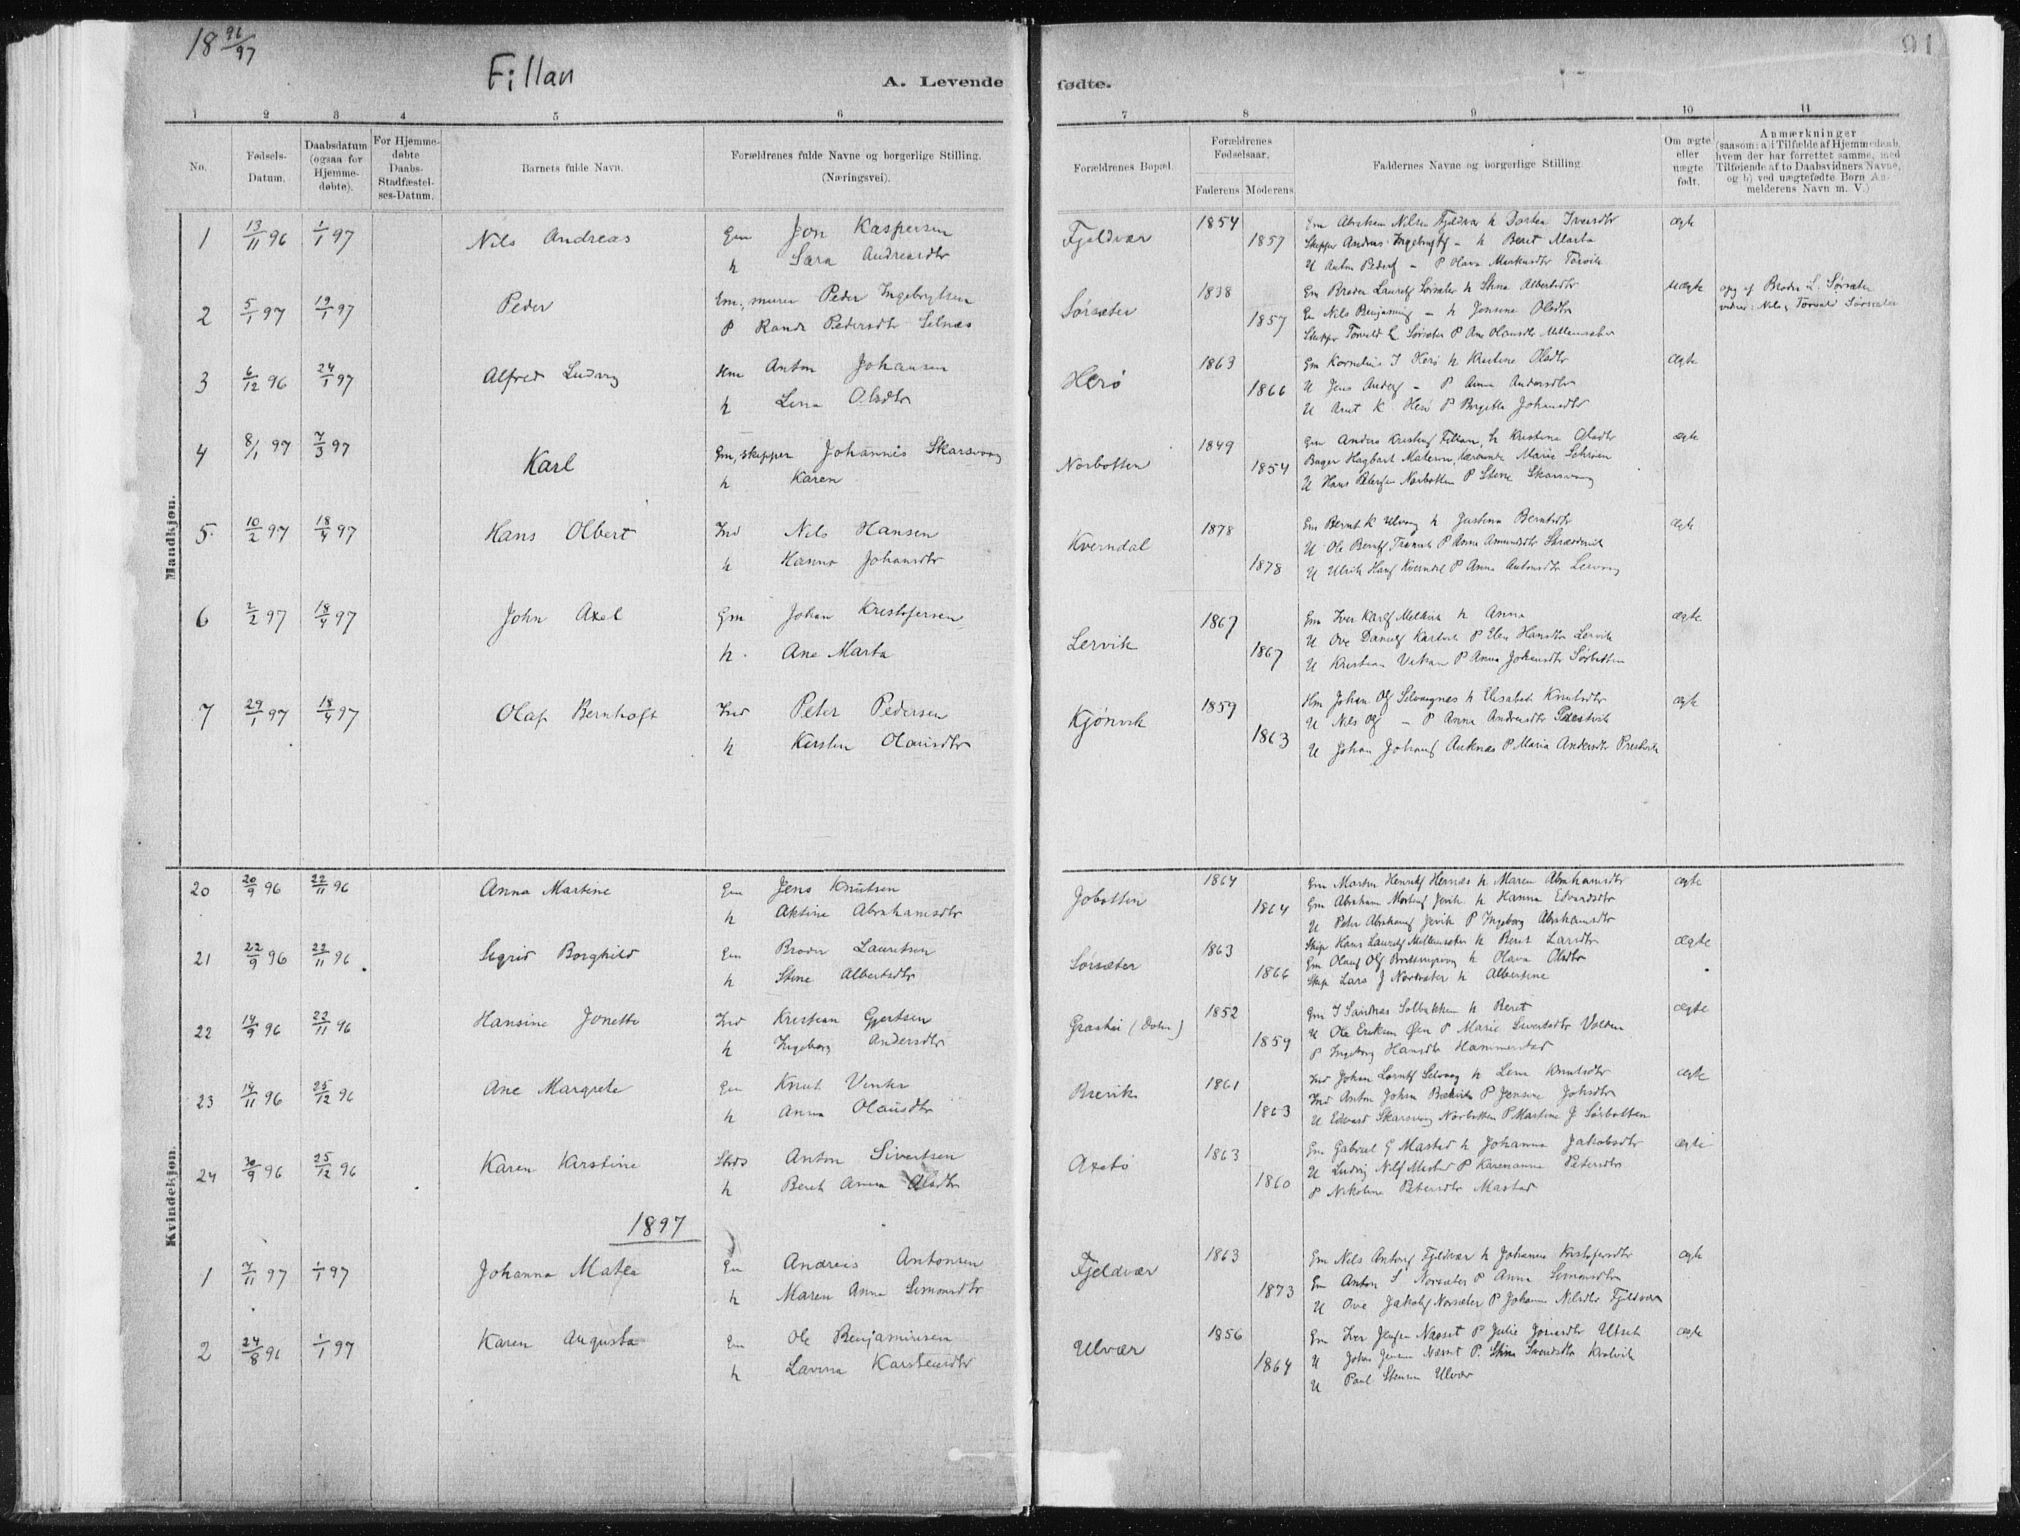 SAT, Ministerialprotokoller, klokkerbøker og fødselsregistre - Sør-Trøndelag, 637/L0558: Ministerialbok nr. 637A01, 1882-1899, s. 91